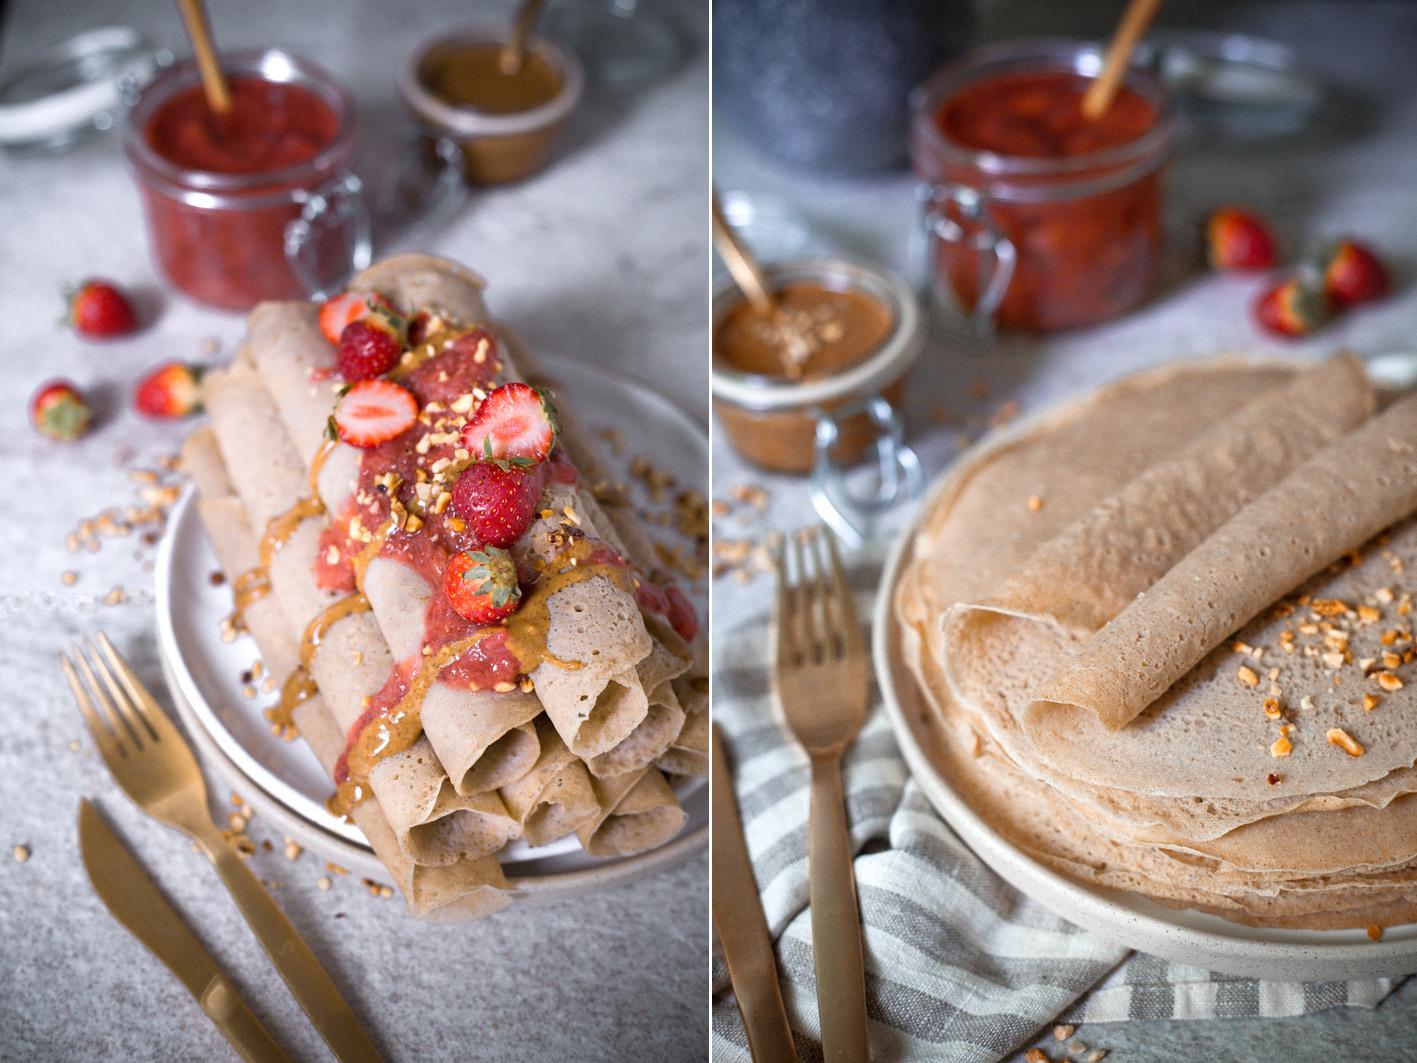 Supergesunde Pfannkuchen mit Rhabarber-Chia-Kompott